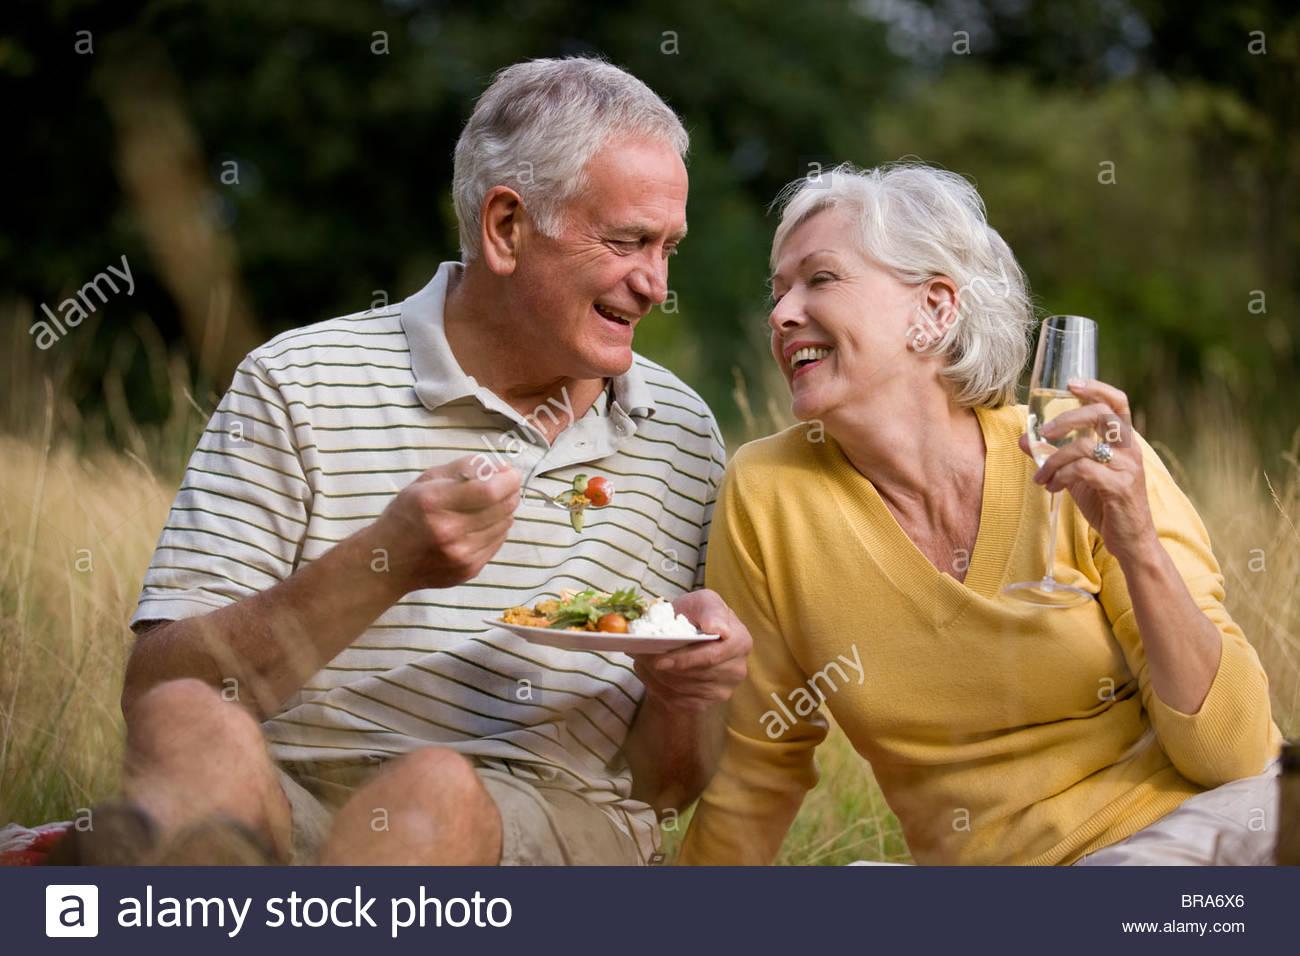 Un alto par tener un picnic Imagen De Stock